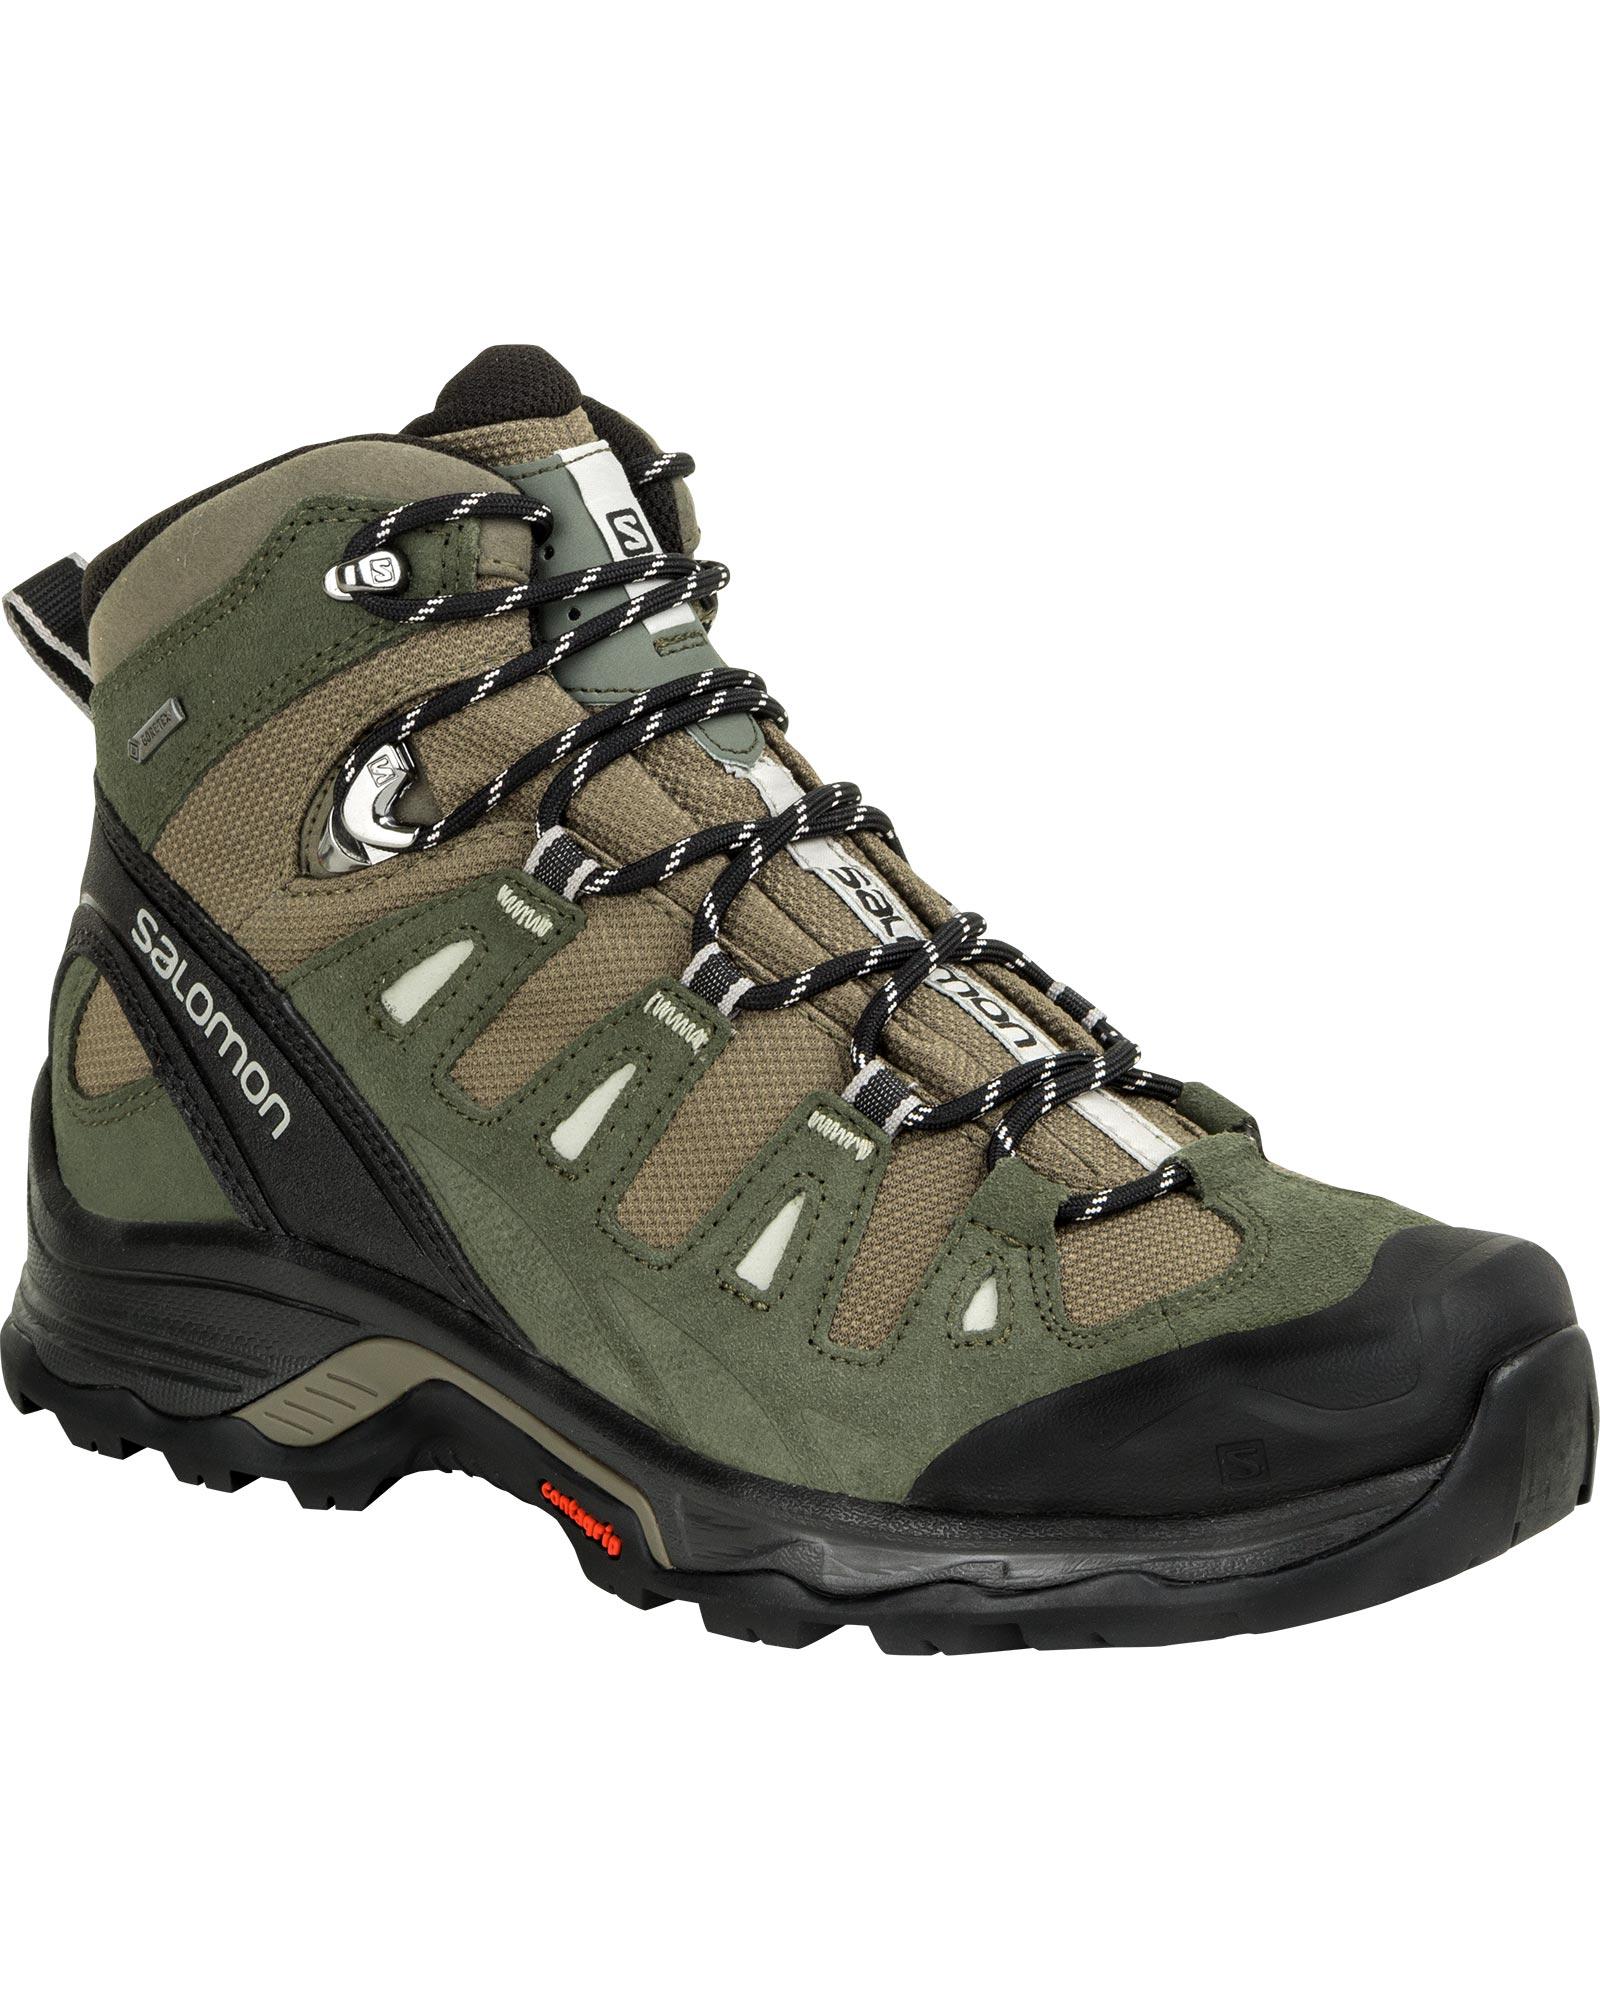 Salomon Men's Quest Prime GORE-TEX Walking Boots 0